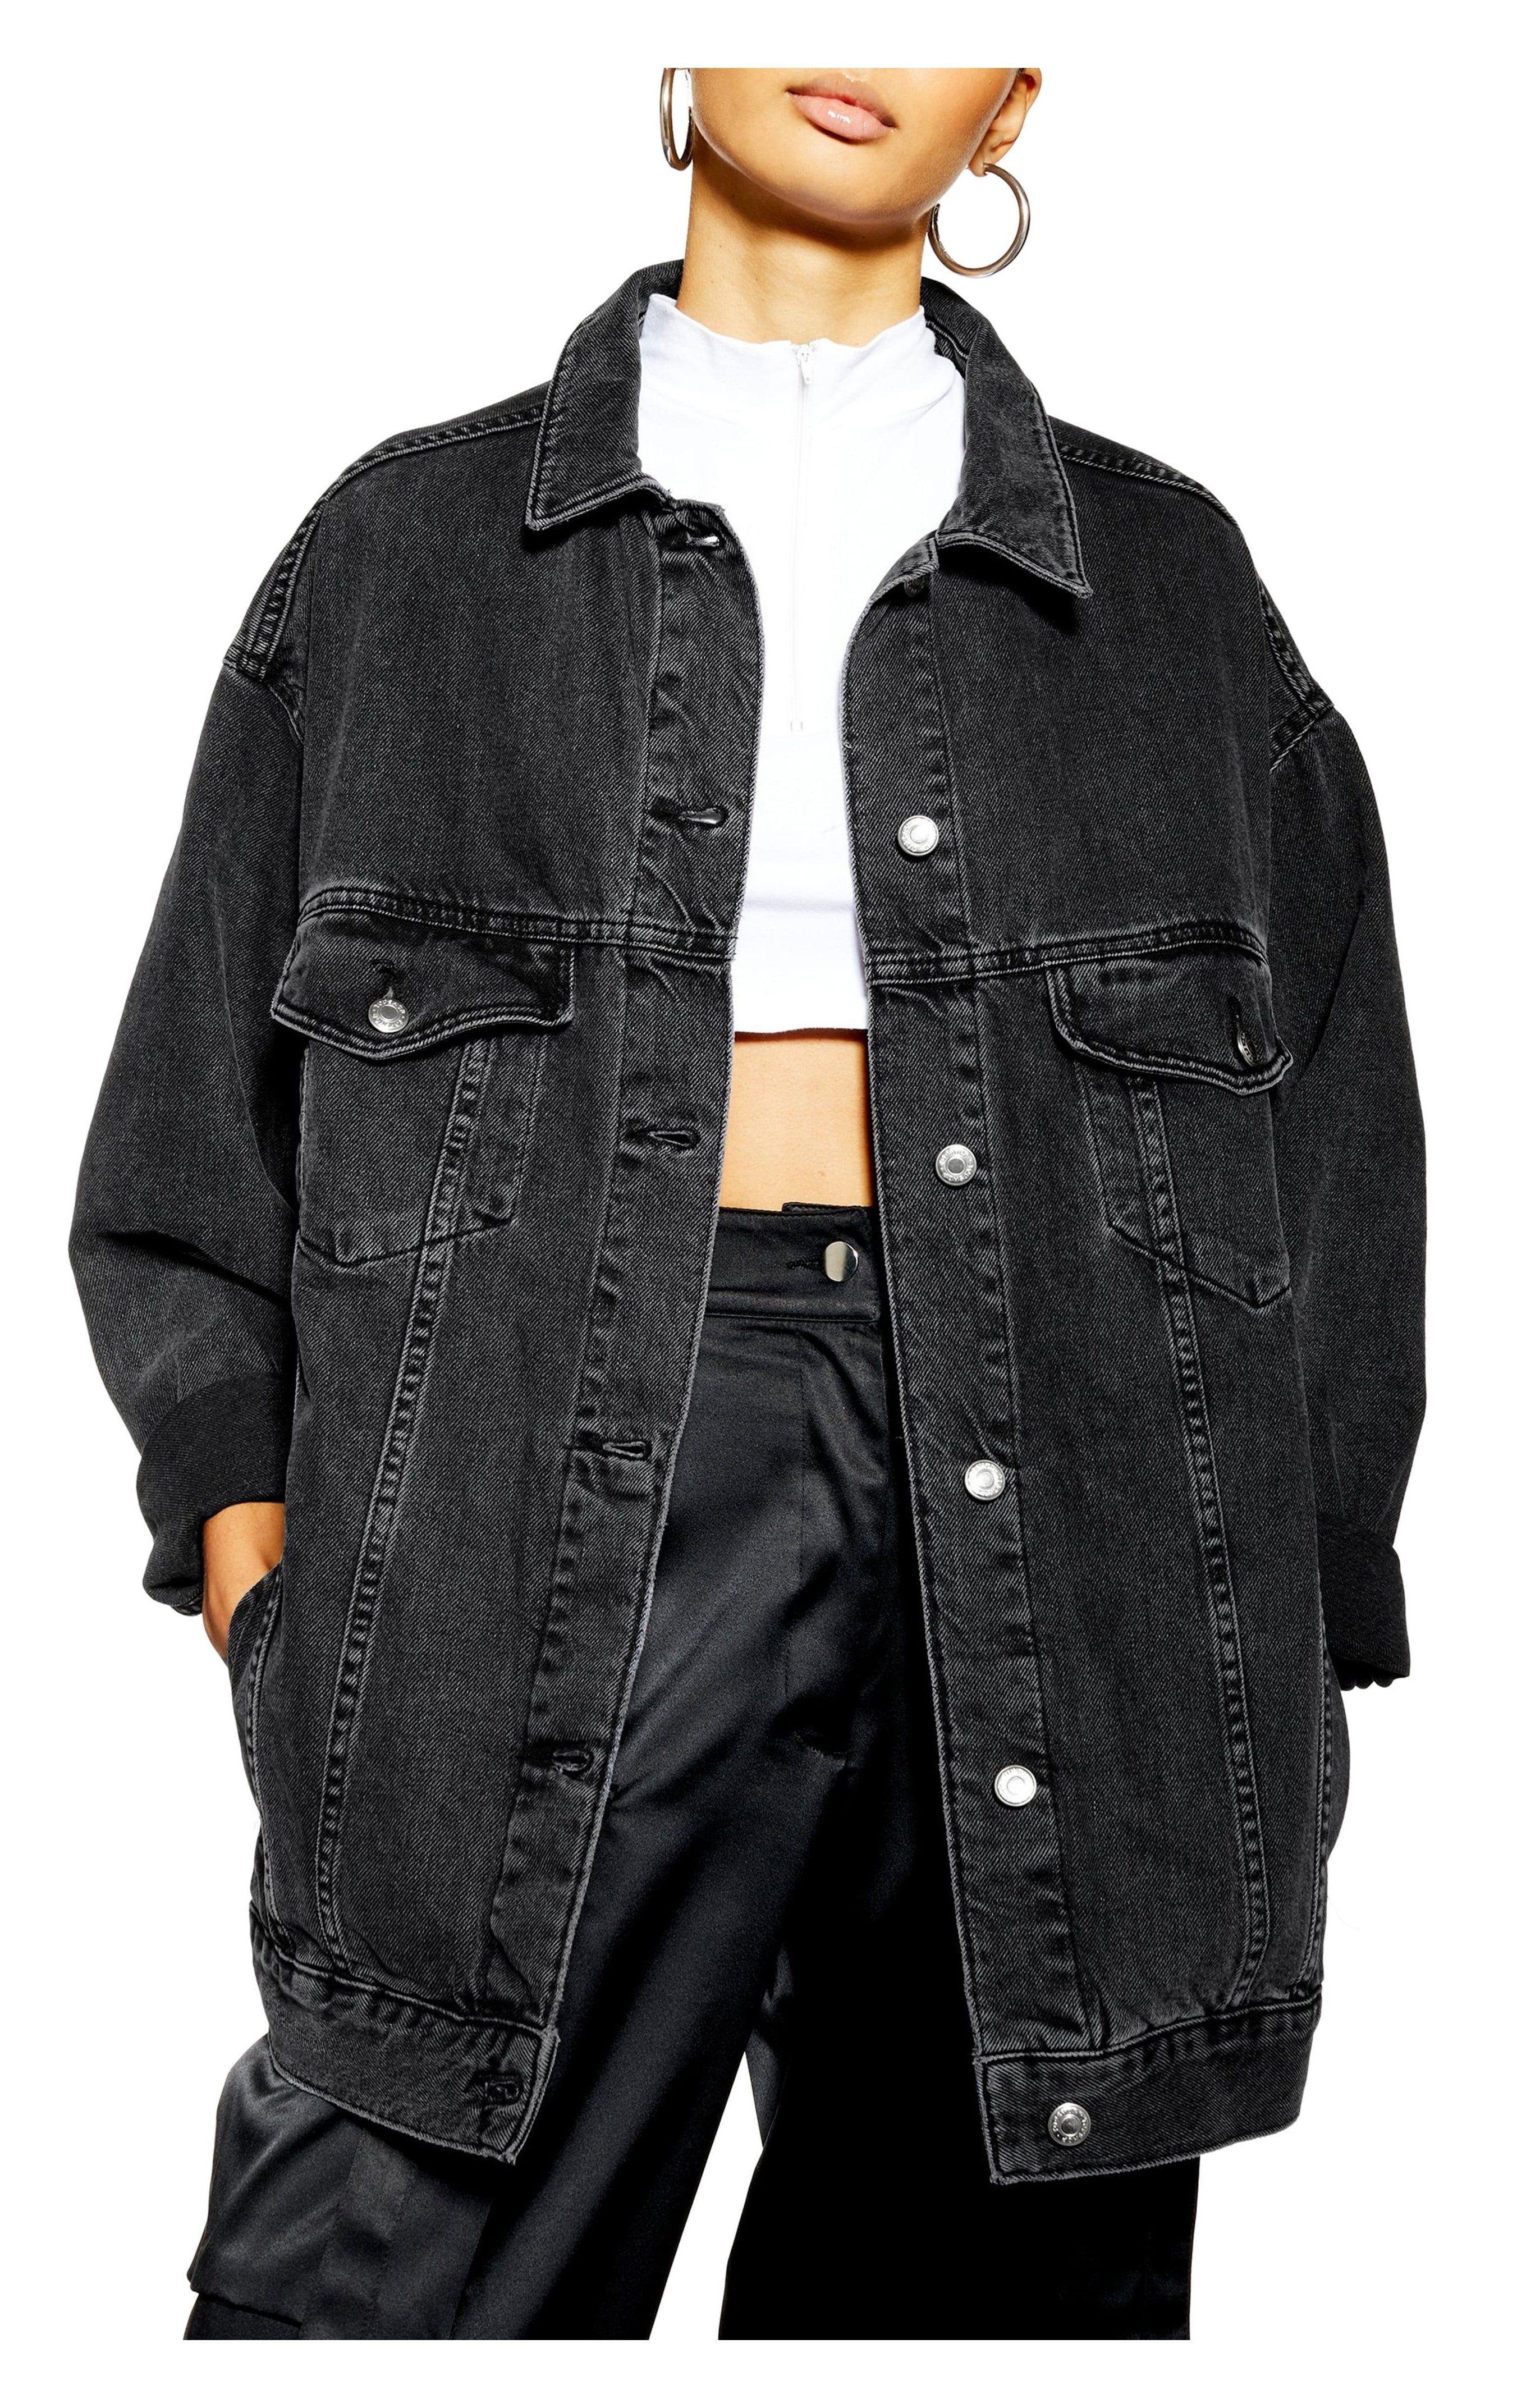 Topshop Oversize Denim Jacket Nordstrom Black Oversized Denim Jacket Women S T Oversized Black Denim Jacket Black Denim Jacket Outfit Jacket Outfit Women [ 4290 x 2744 Pixel ]